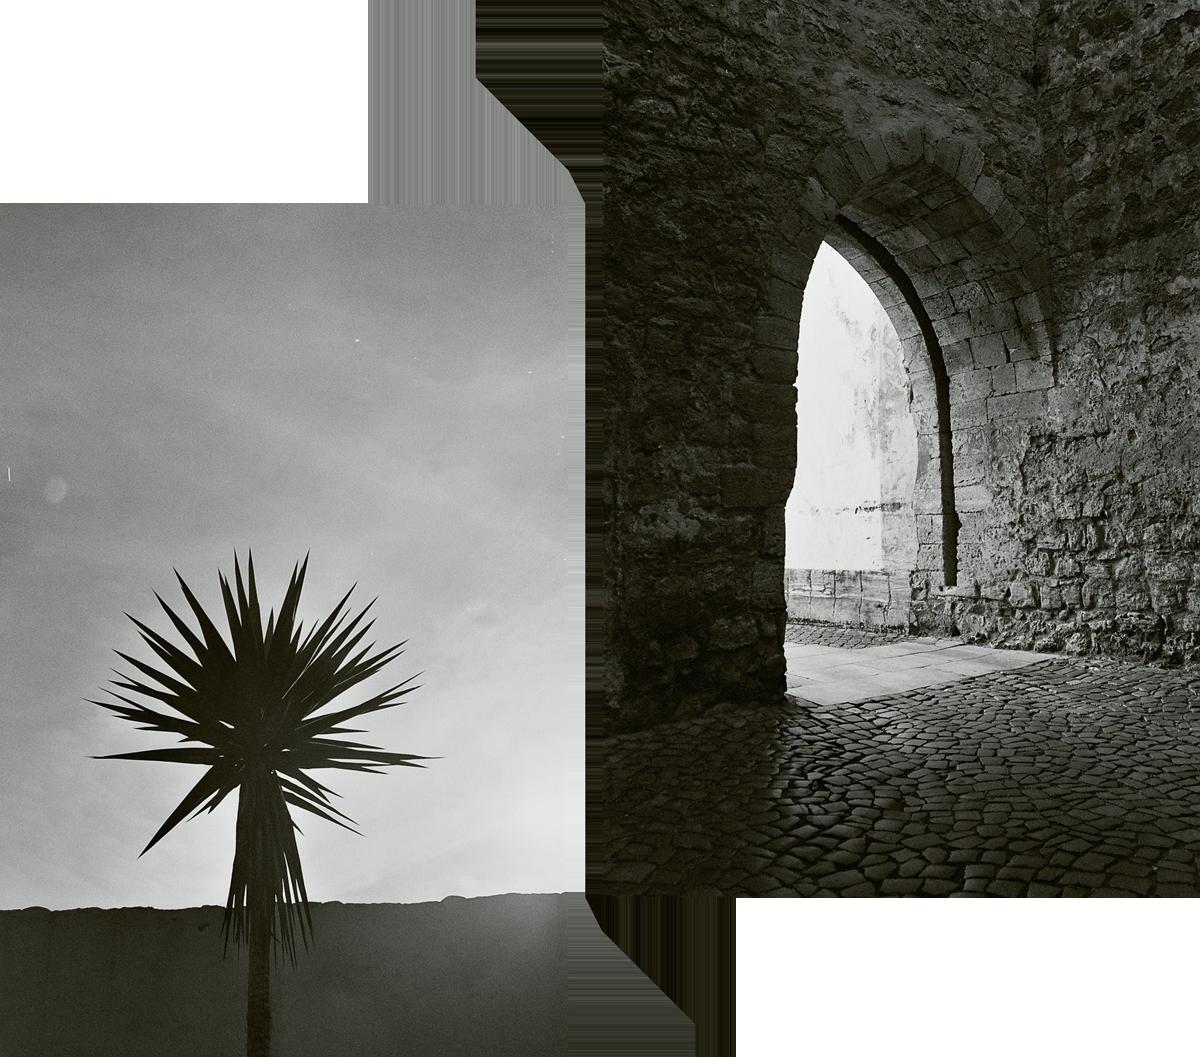 FRAGMENTS_ Portugal - by Hannelore Veelaert via au pays des merveilles-9